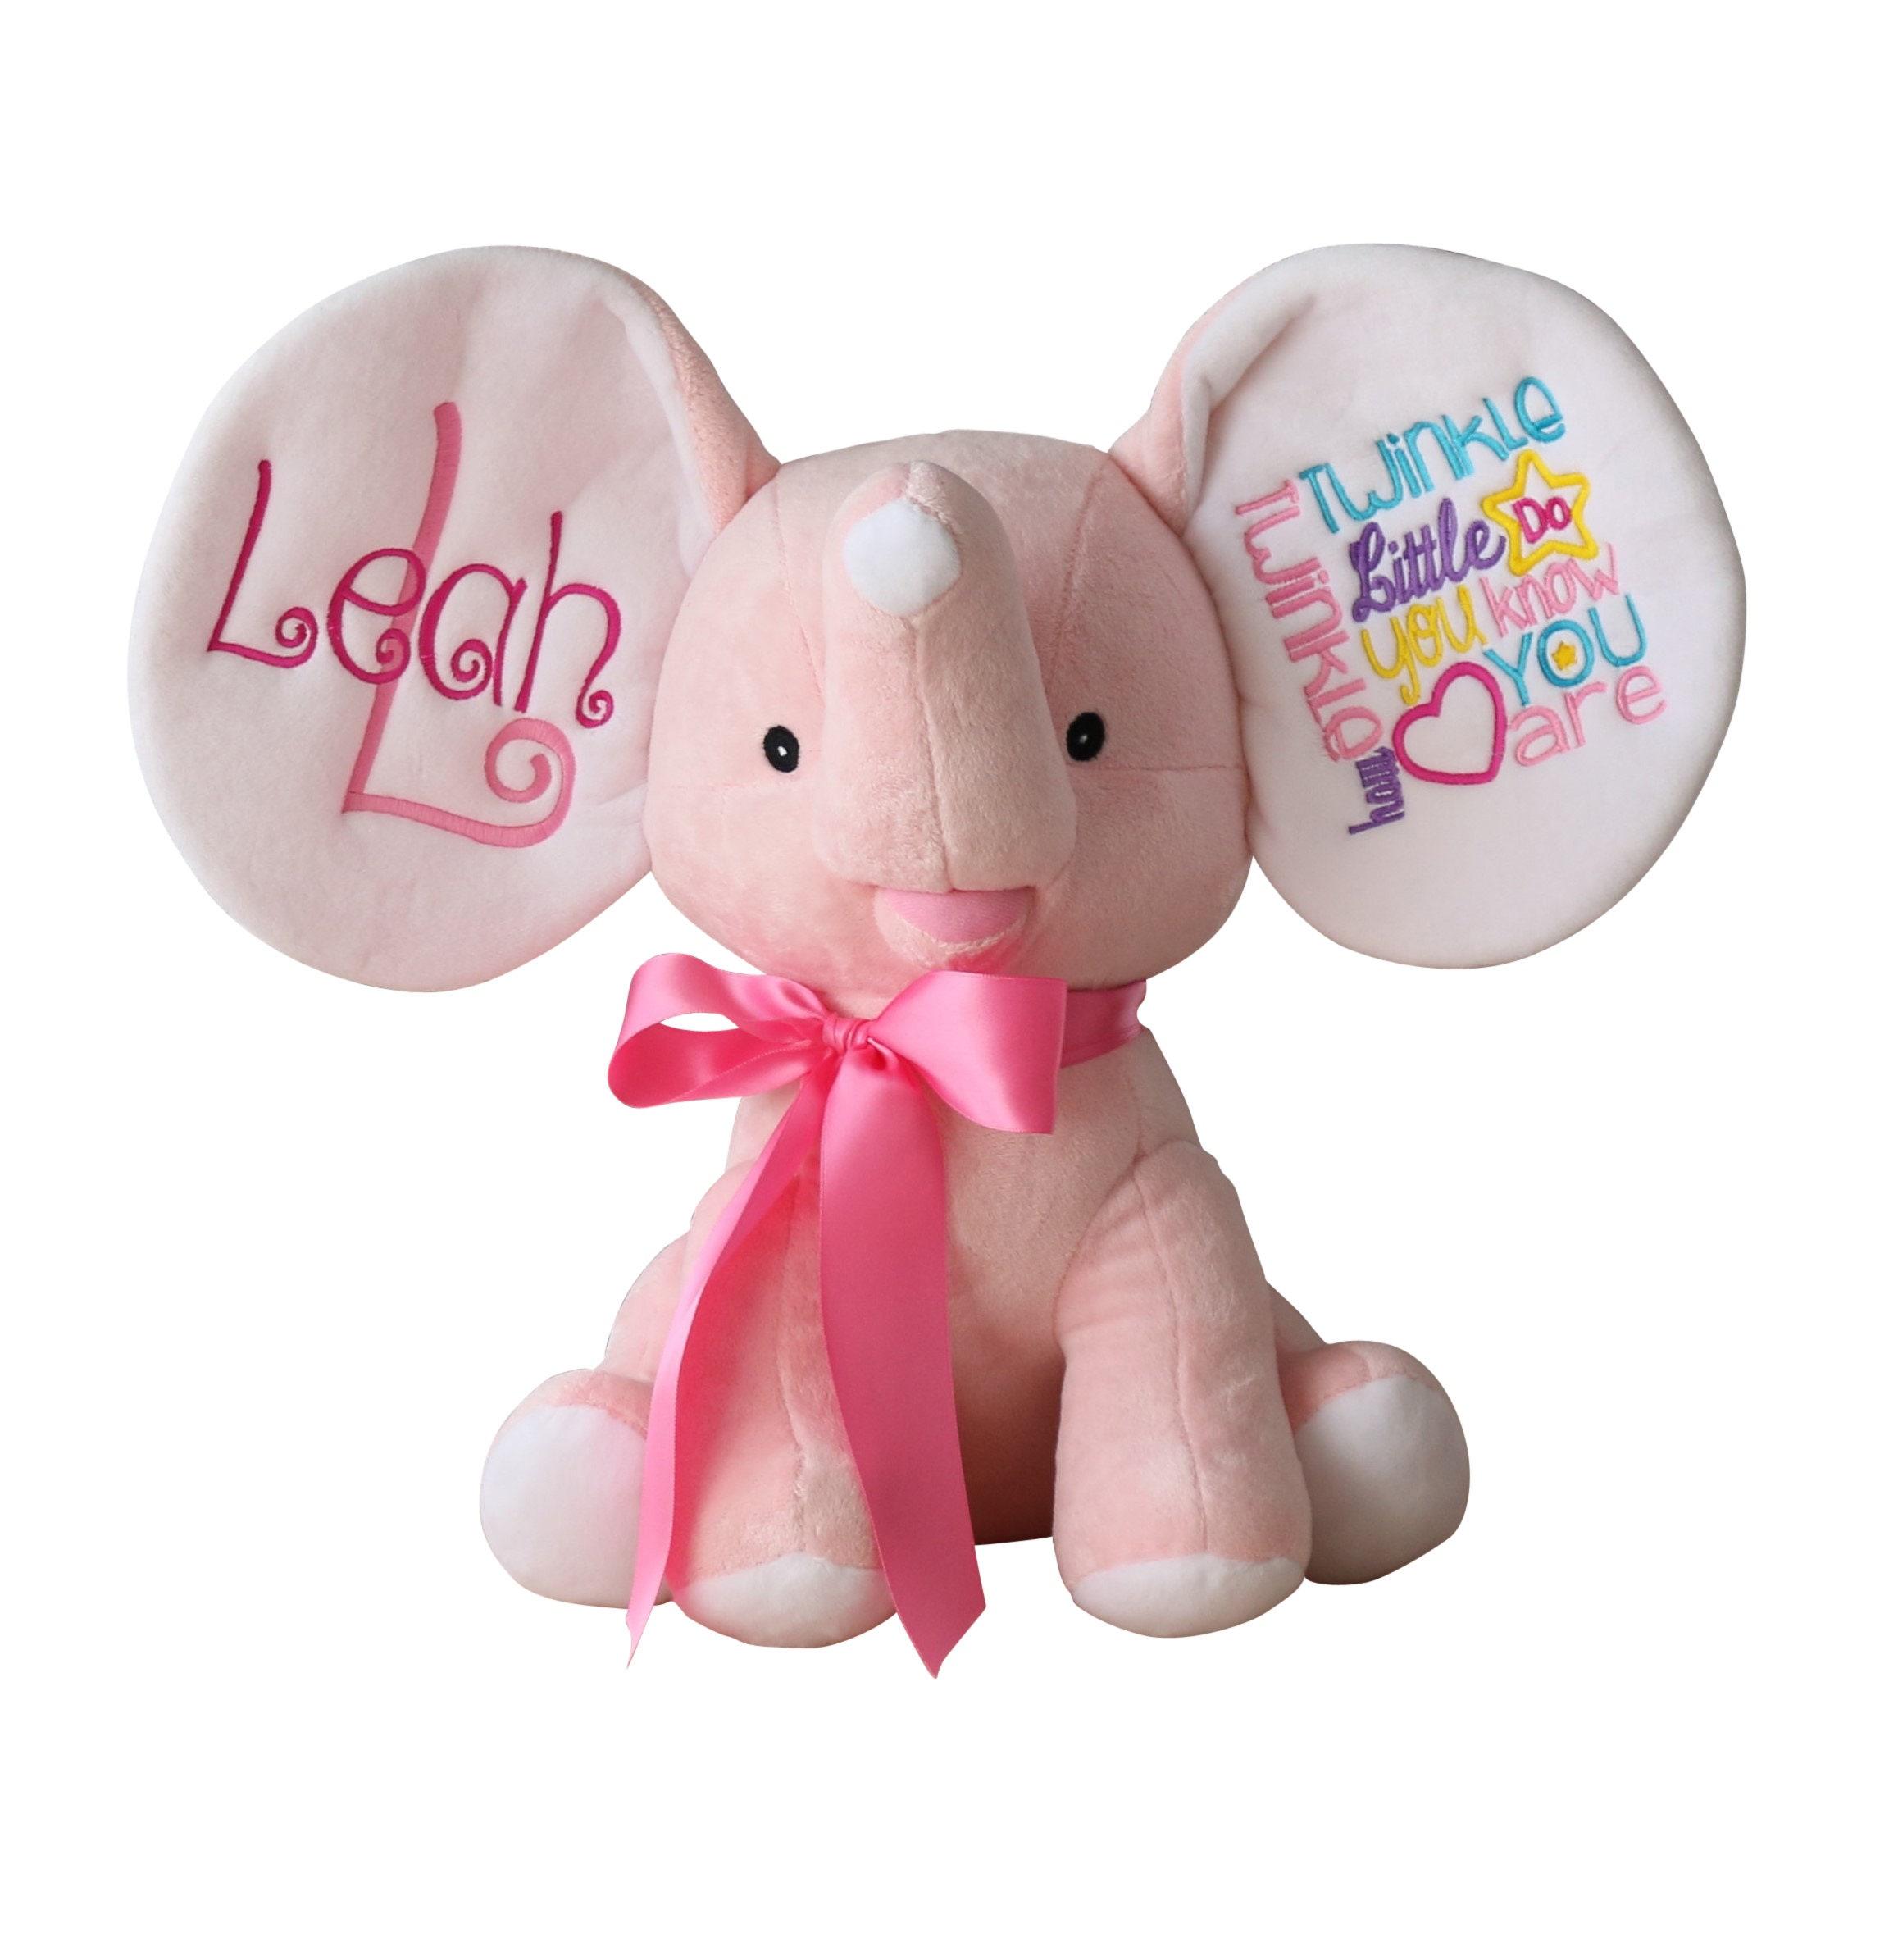 Personalized Stuffed Animal Elephant Elephant Stuffed Etsy